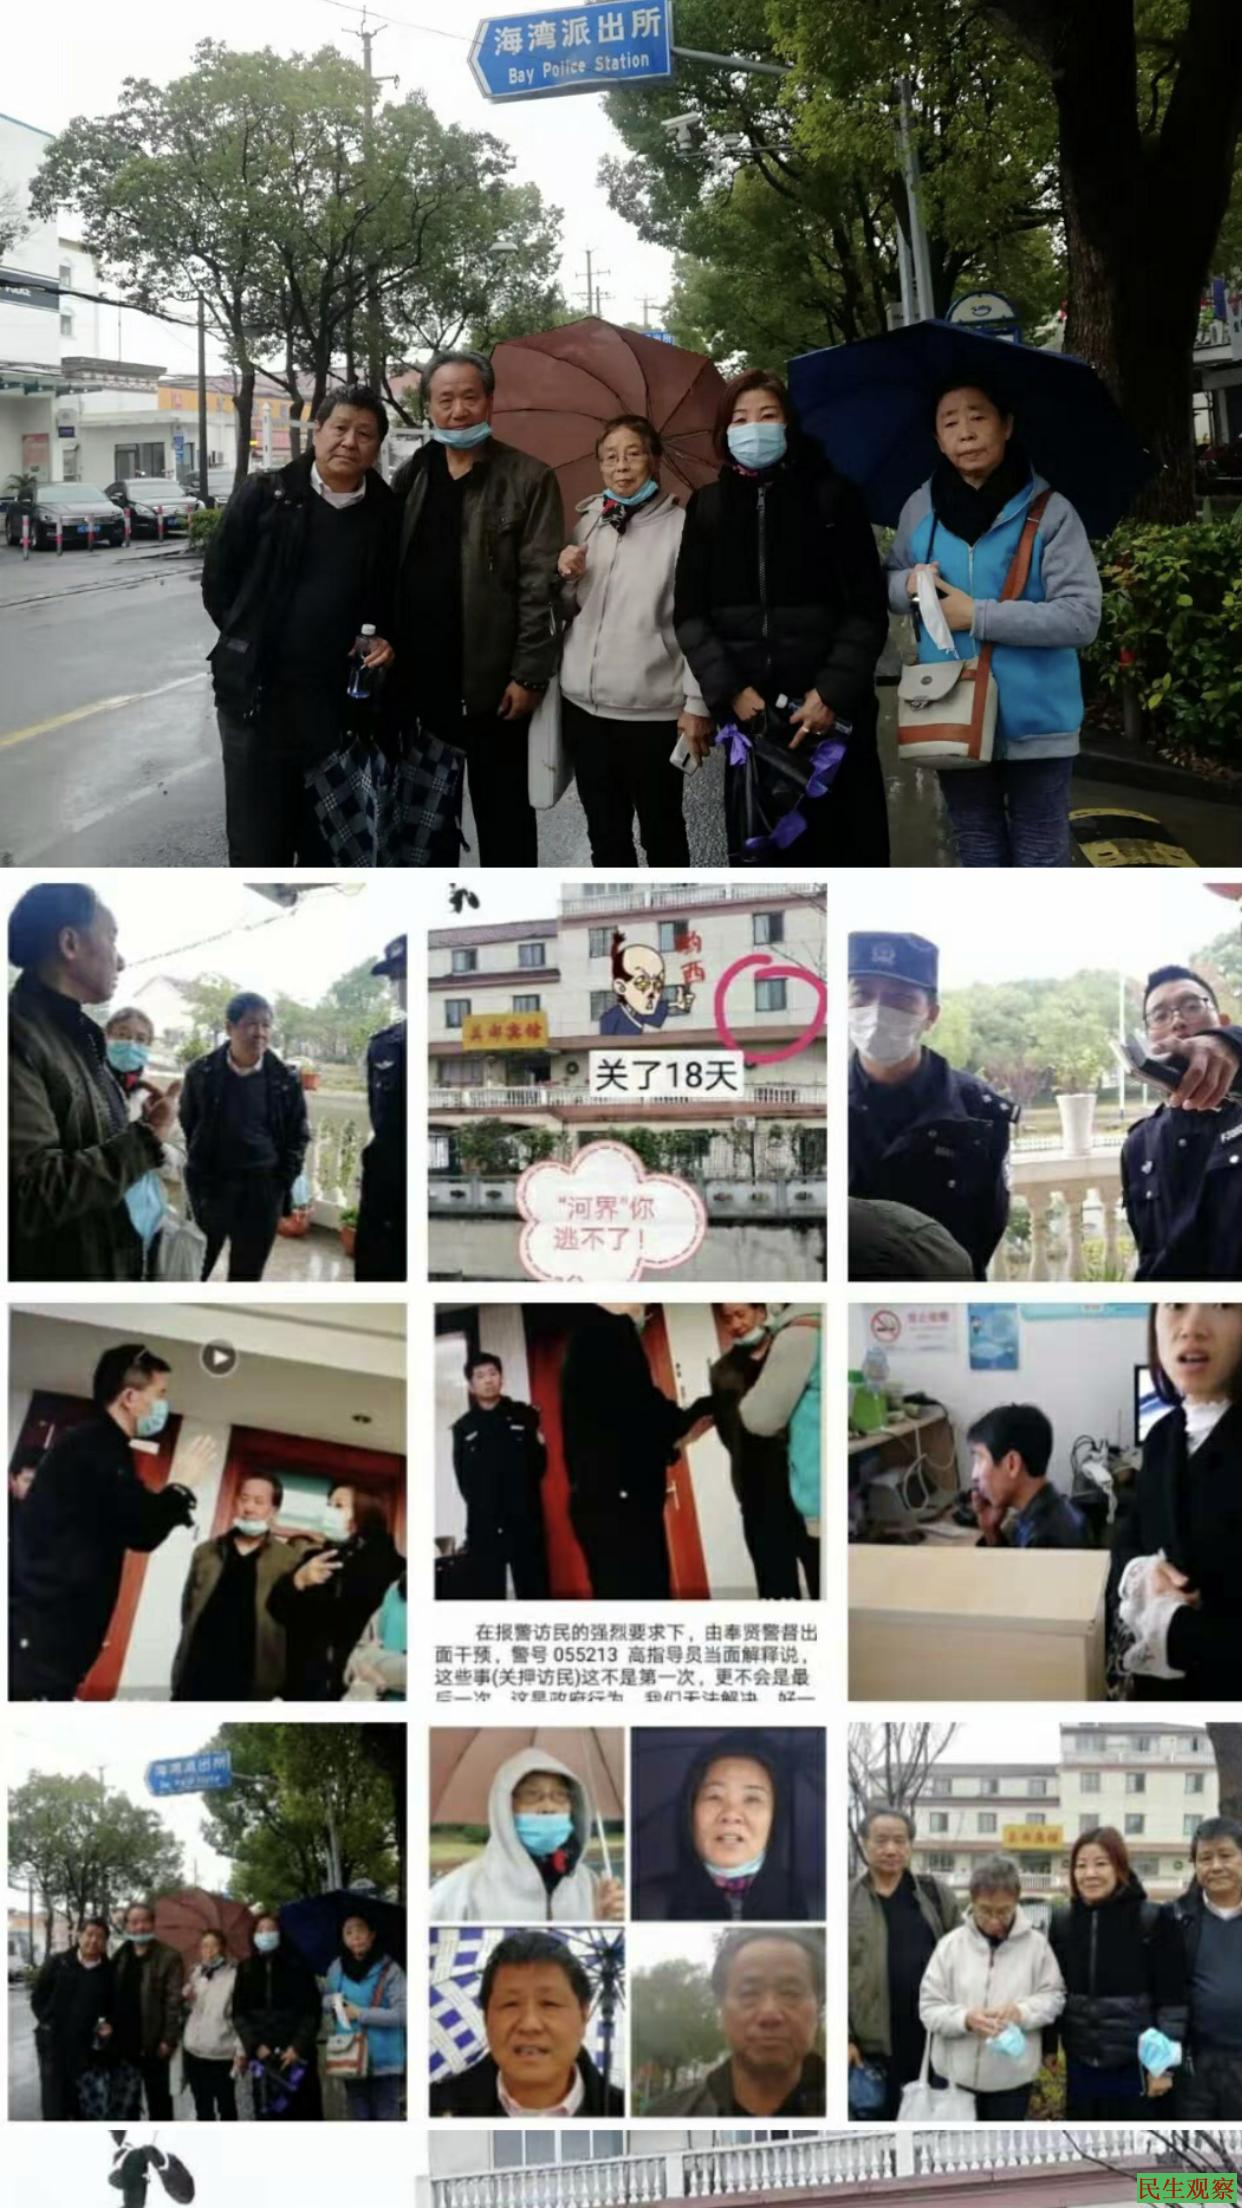 上海张雄明维权被拘留关黑监狱